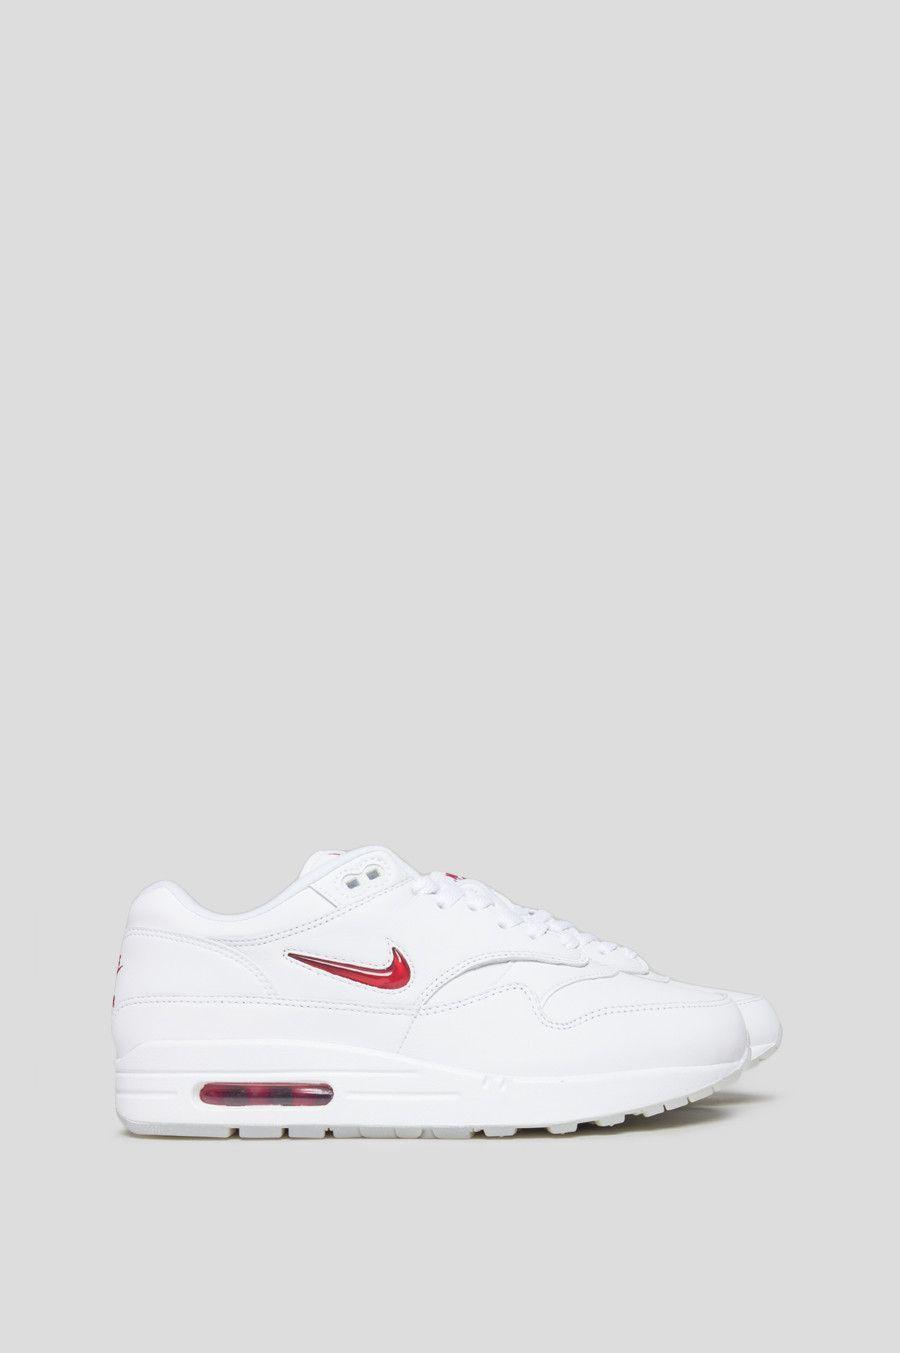 056a87b2e3 ... where can i buy nike air max 1 premium rare ruby white f4ceb 405b8